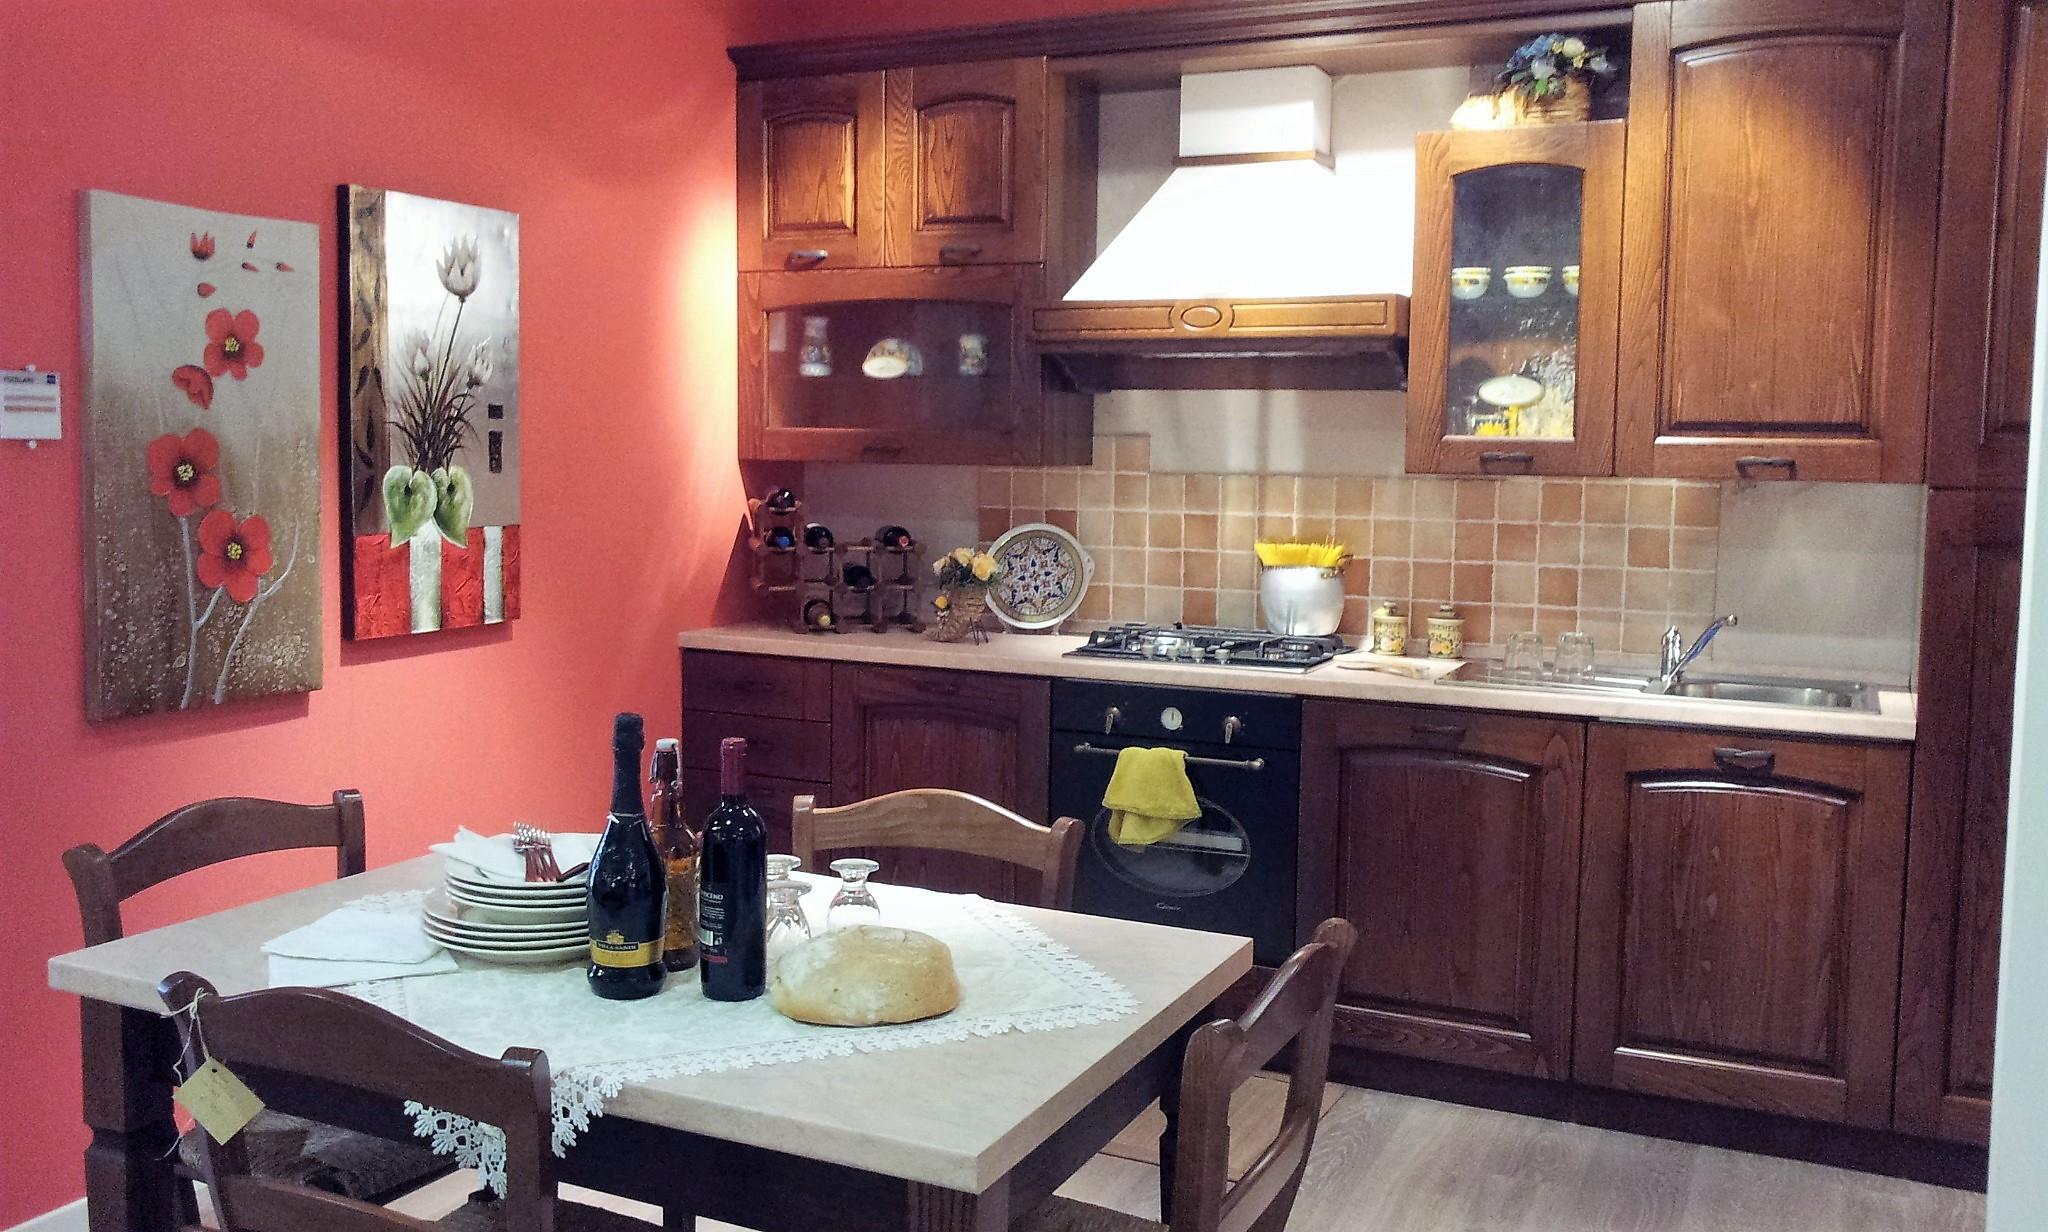 Prezzo Cucine Stosa - Idee Per La Casa - Syafir.com